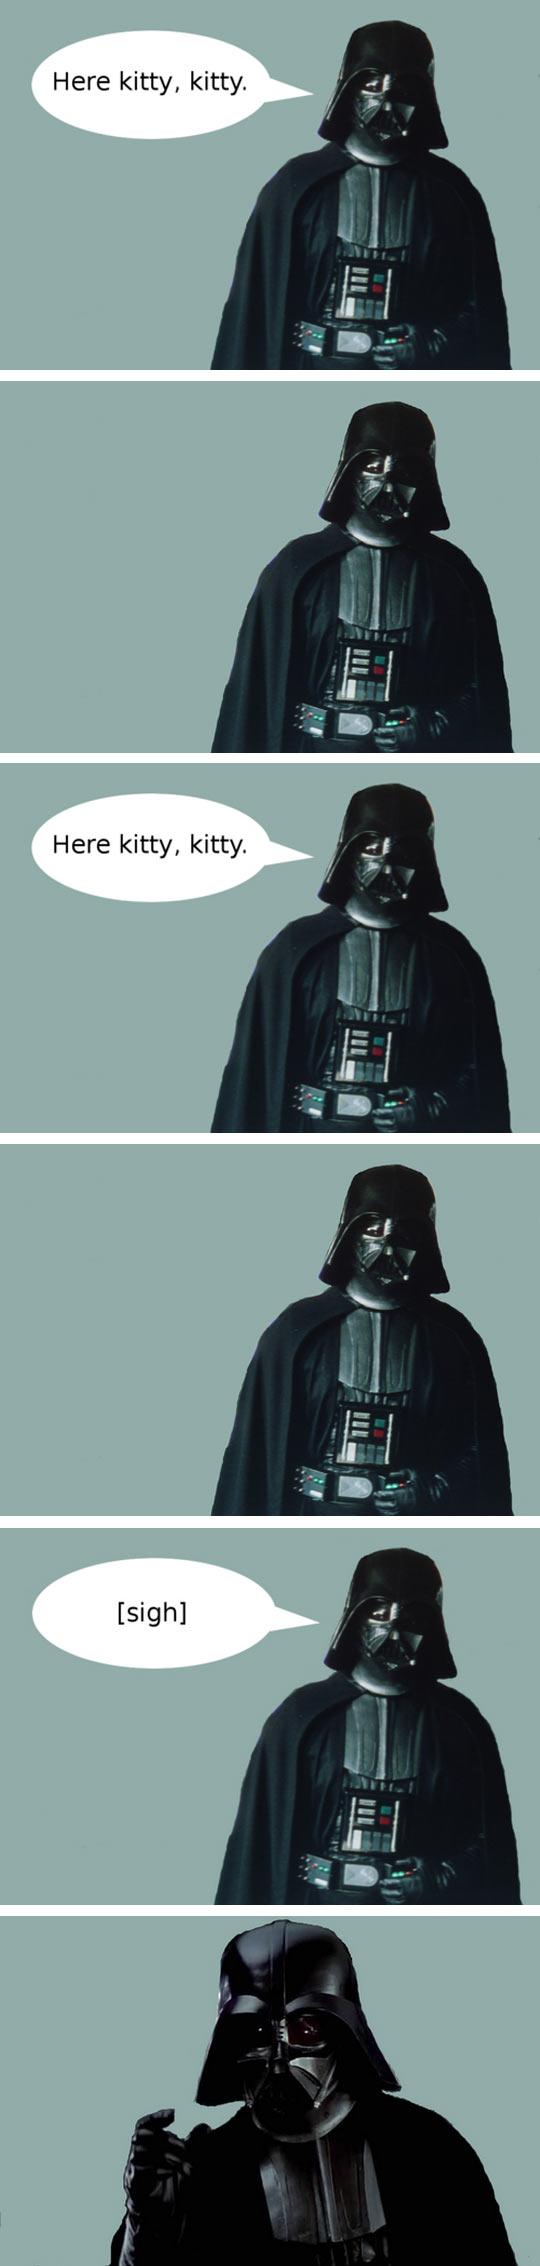 Darth Vader And His Cat